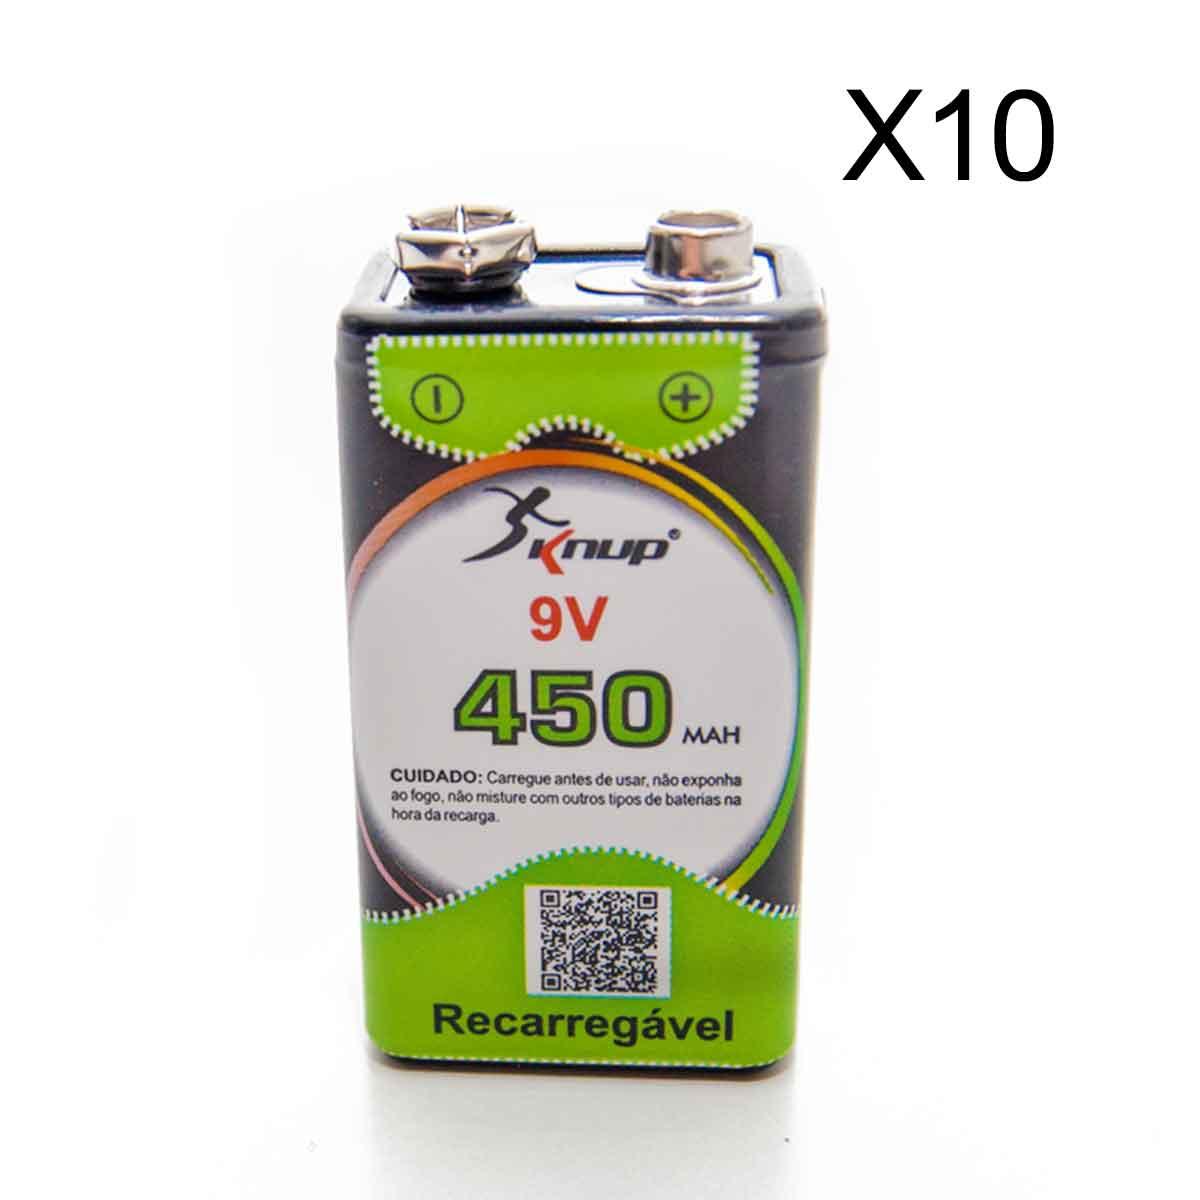 Kit 10 Baterias Recarregáveis 9v 450 Mah Knup Original